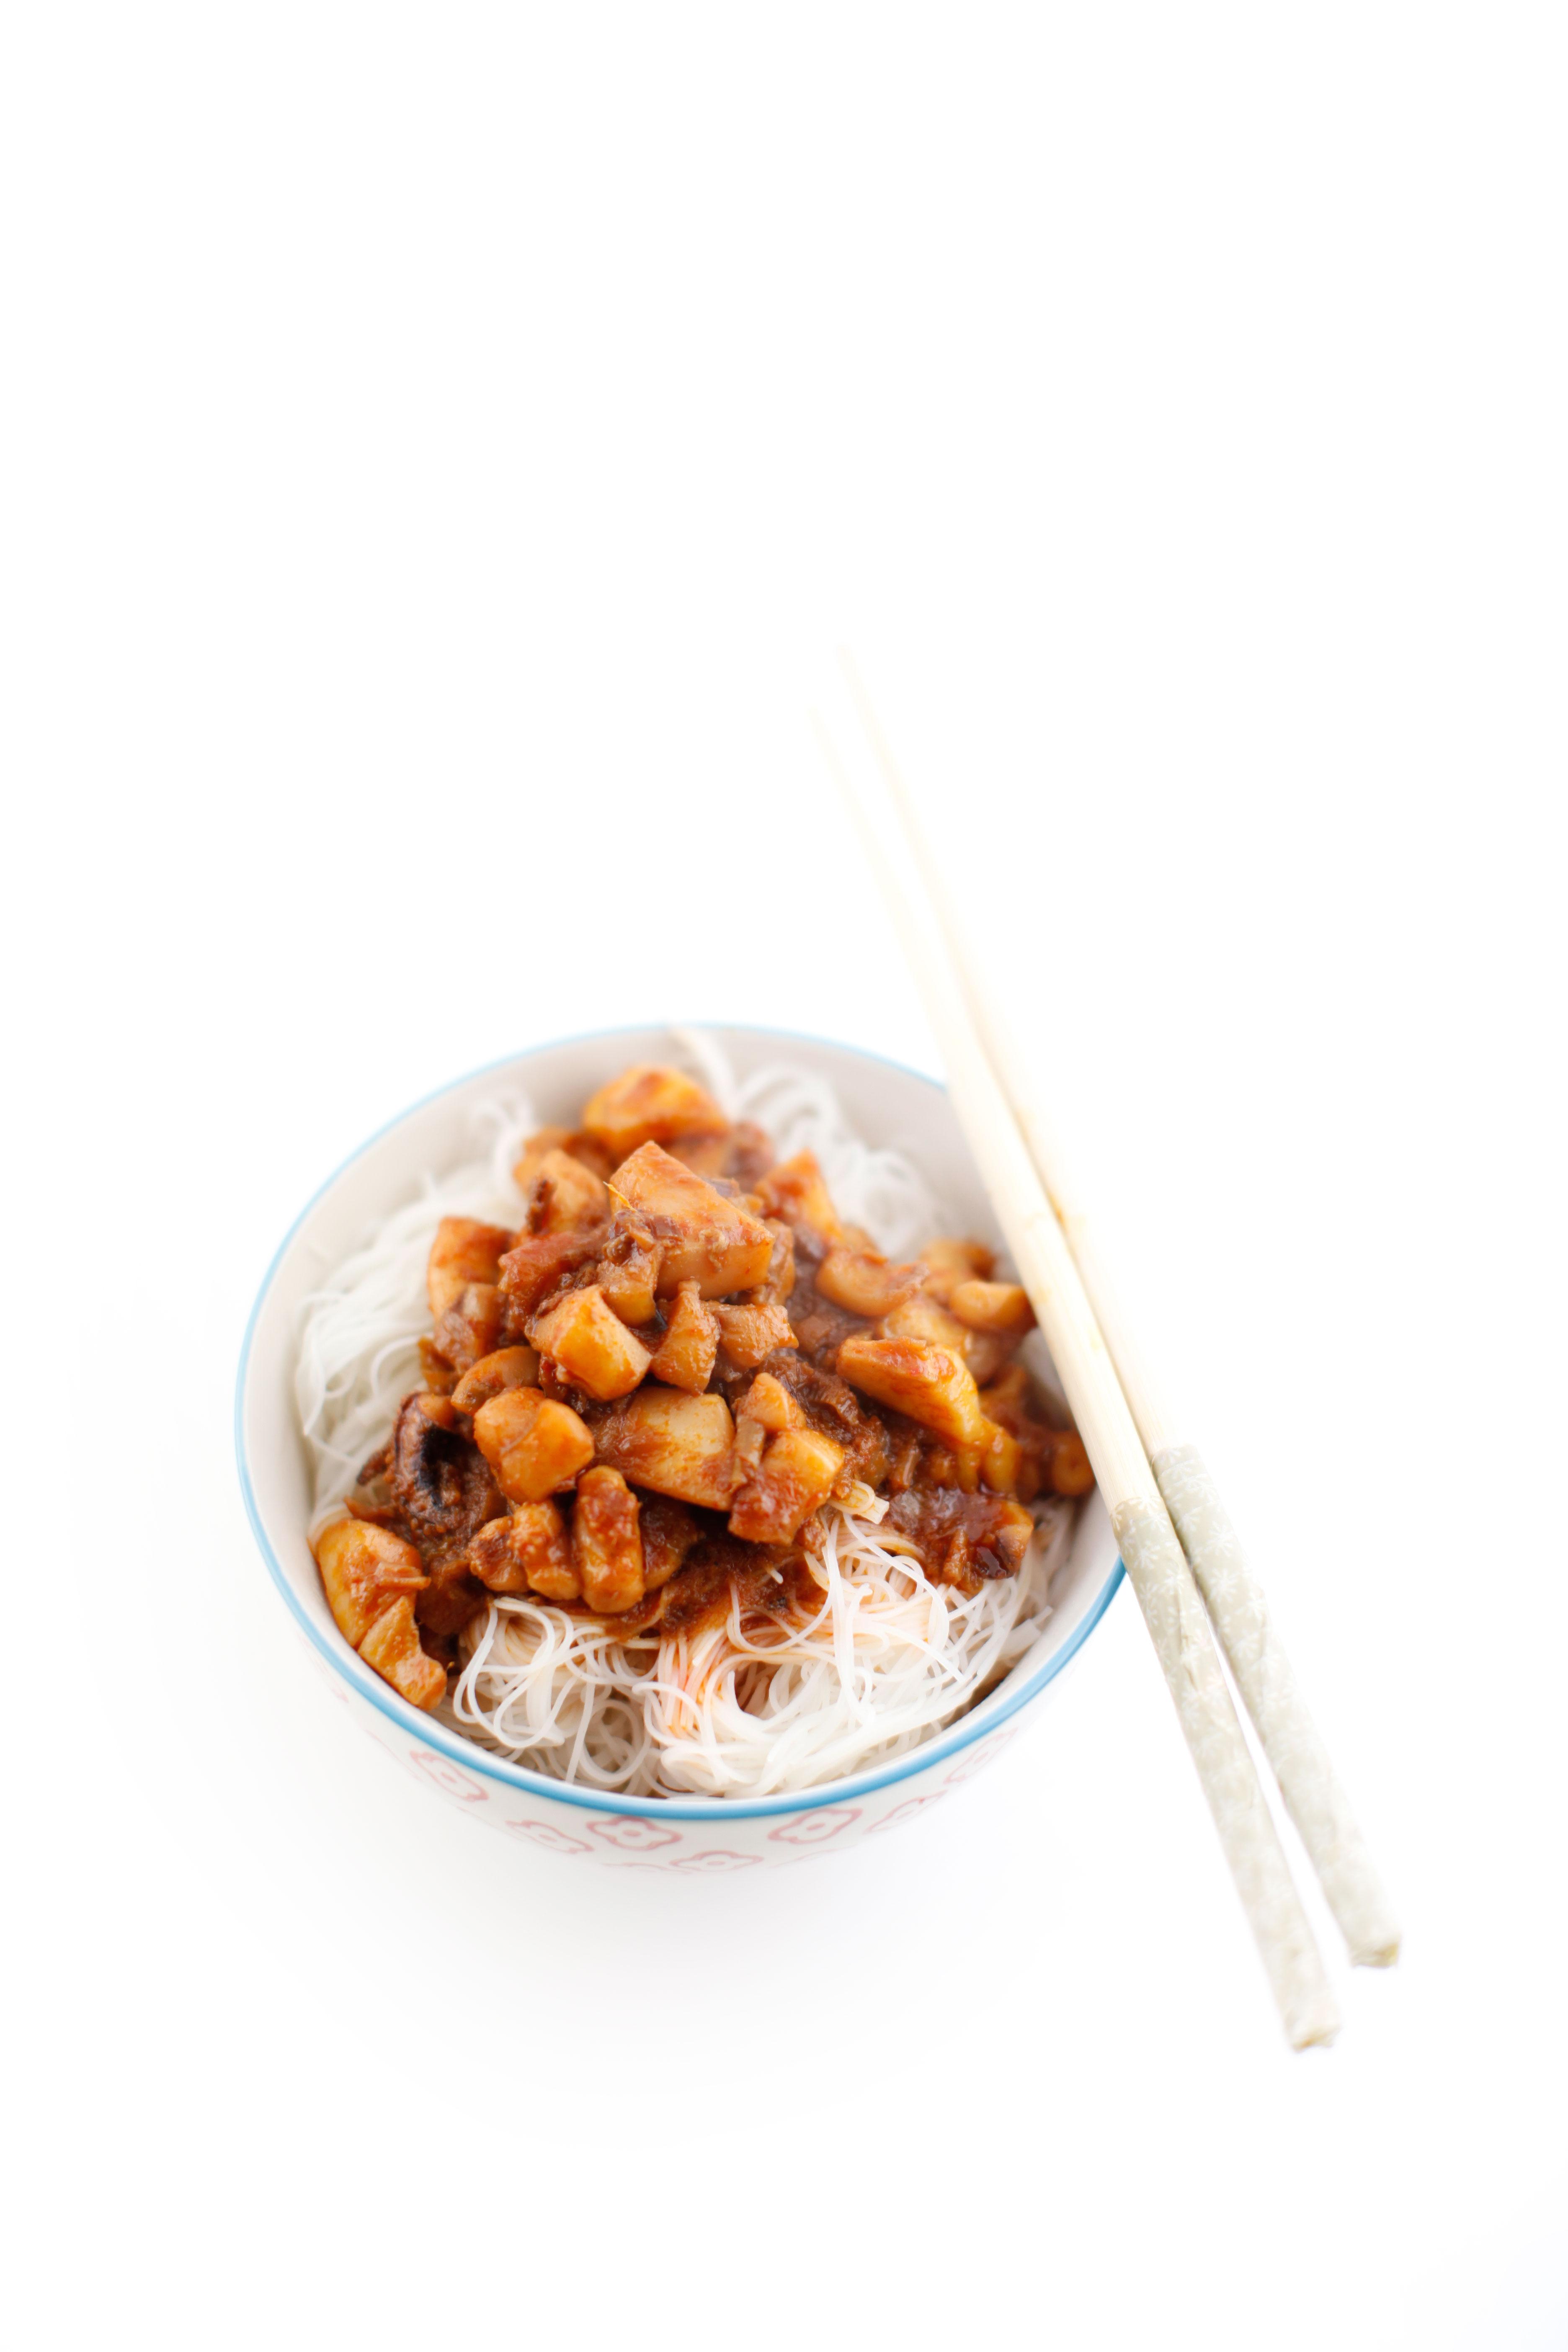 pici-e-castagne-vermicelli-di-riso-con-calamari-affumicati-piccanti